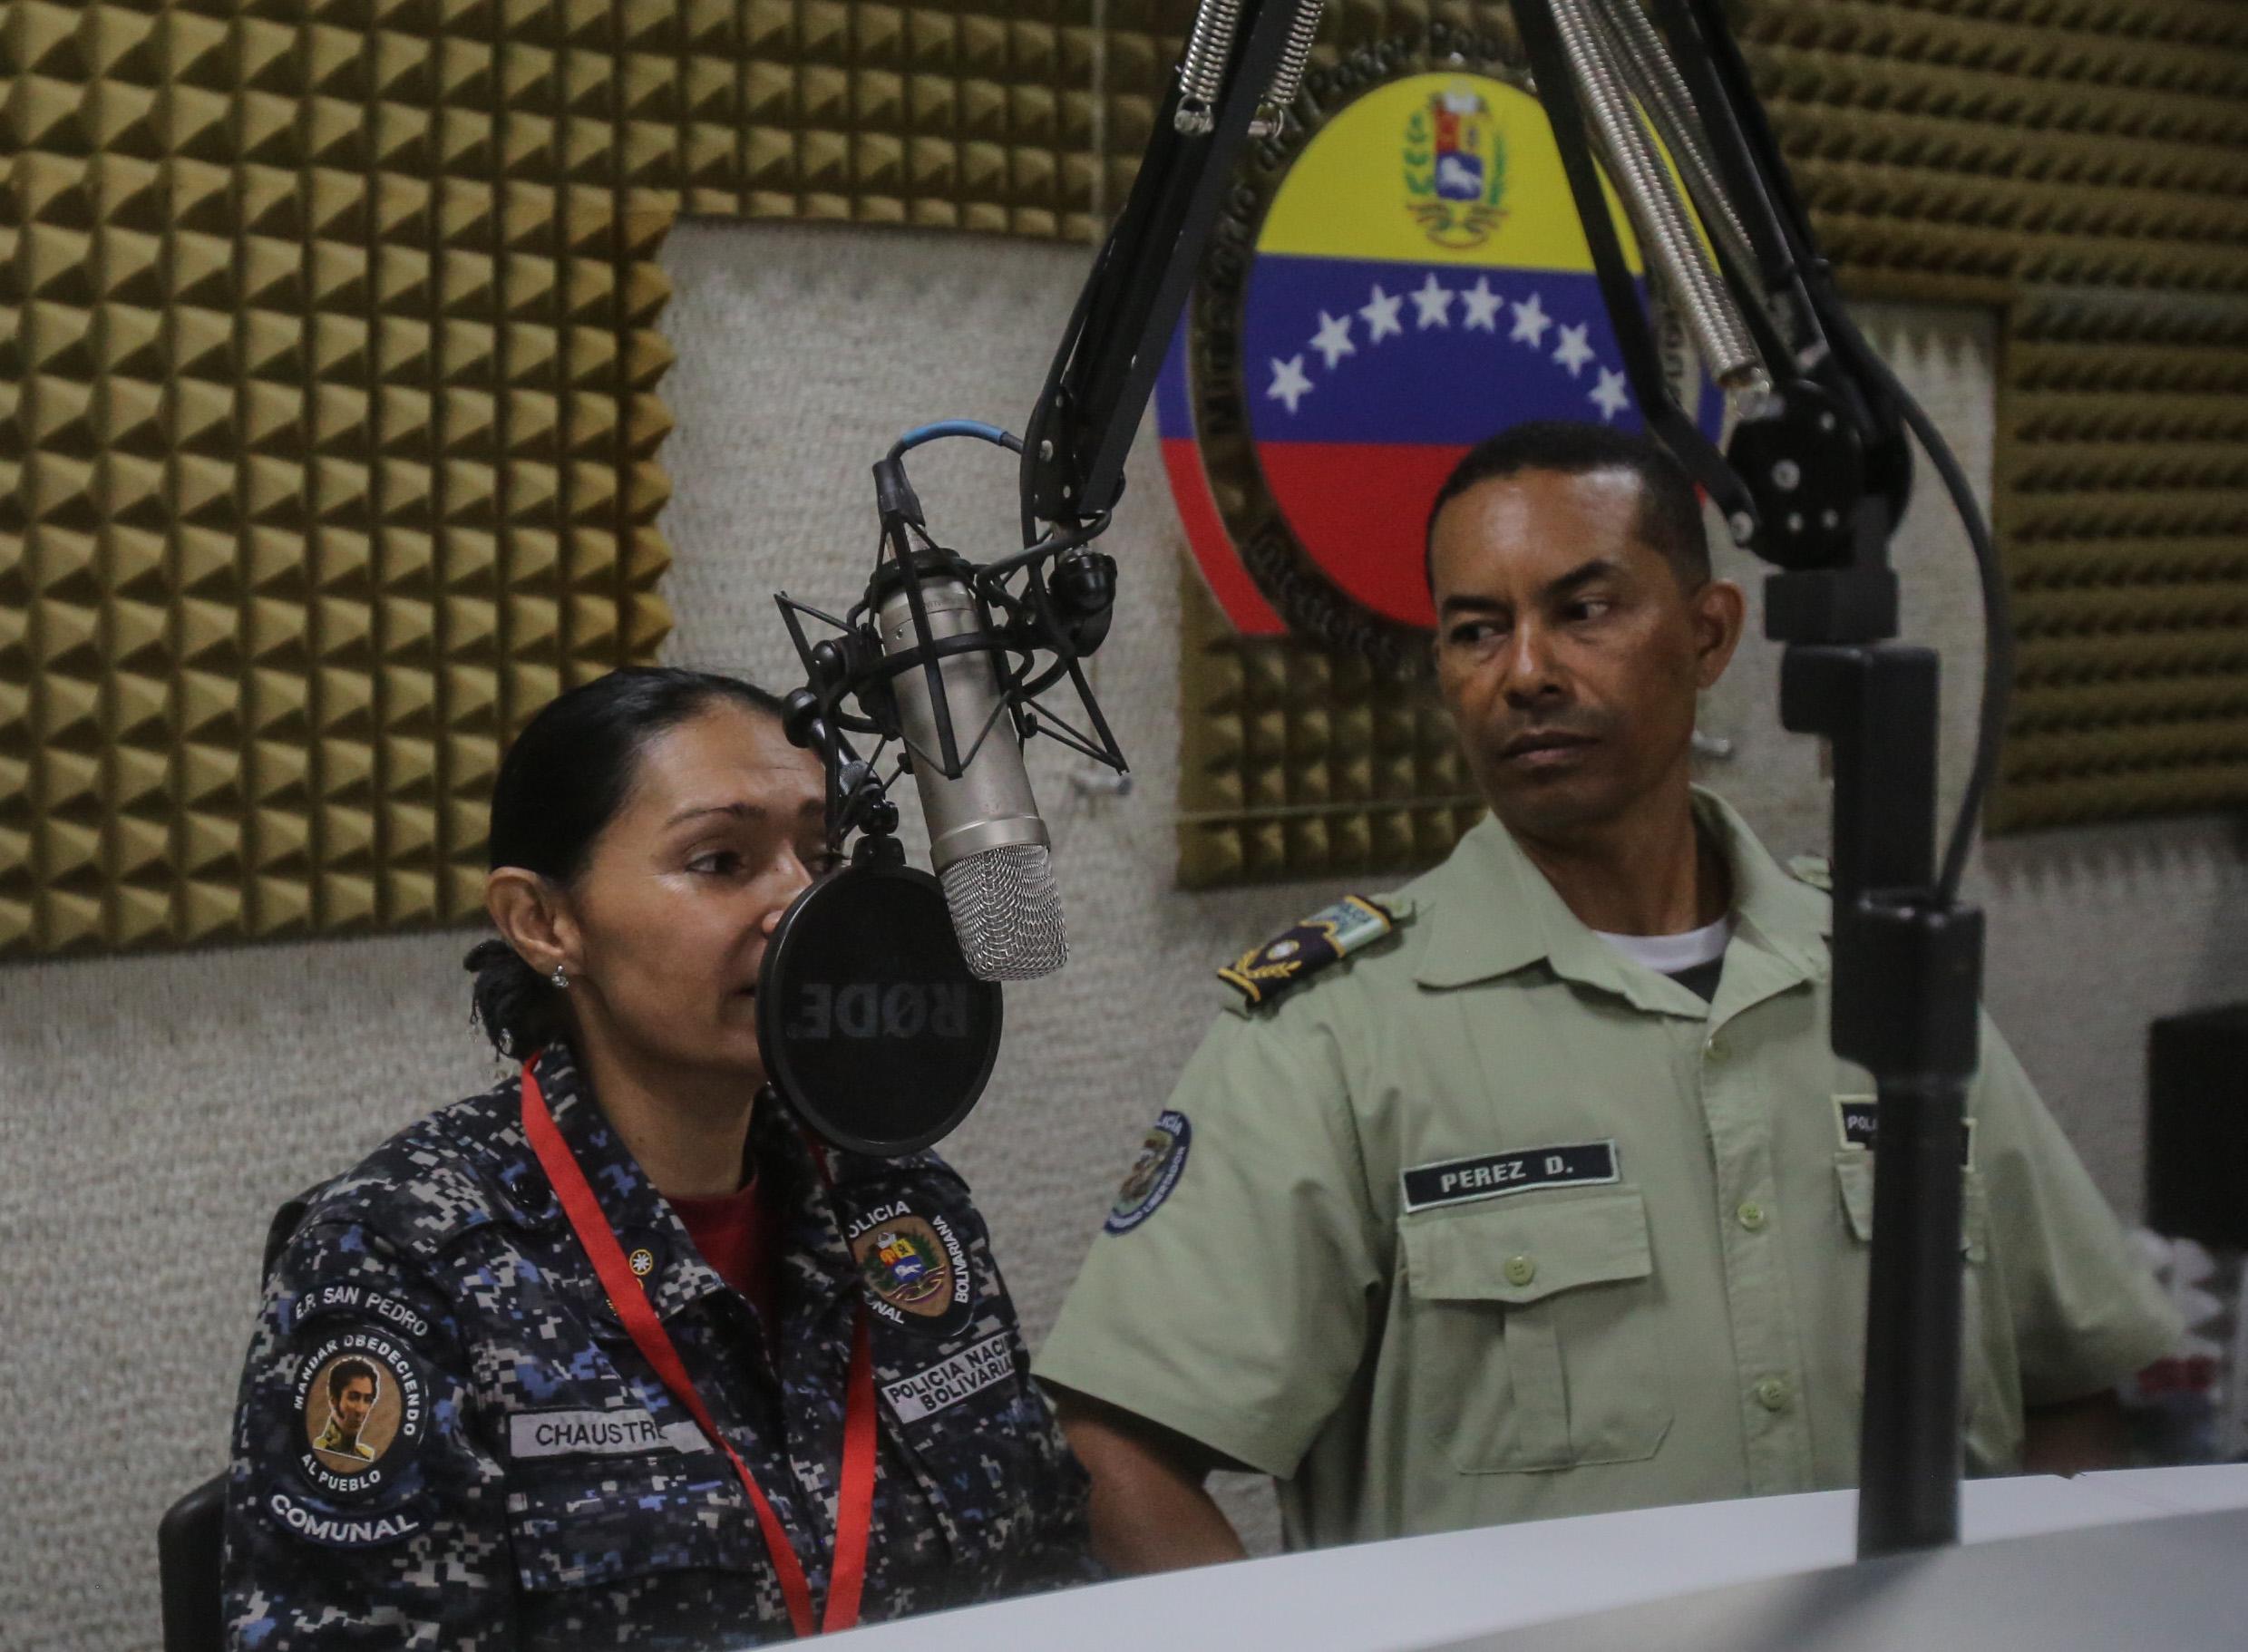 Viceministro Molina Buenas prácticas policiales promueve el respeto de los Derechos Humanos (7)